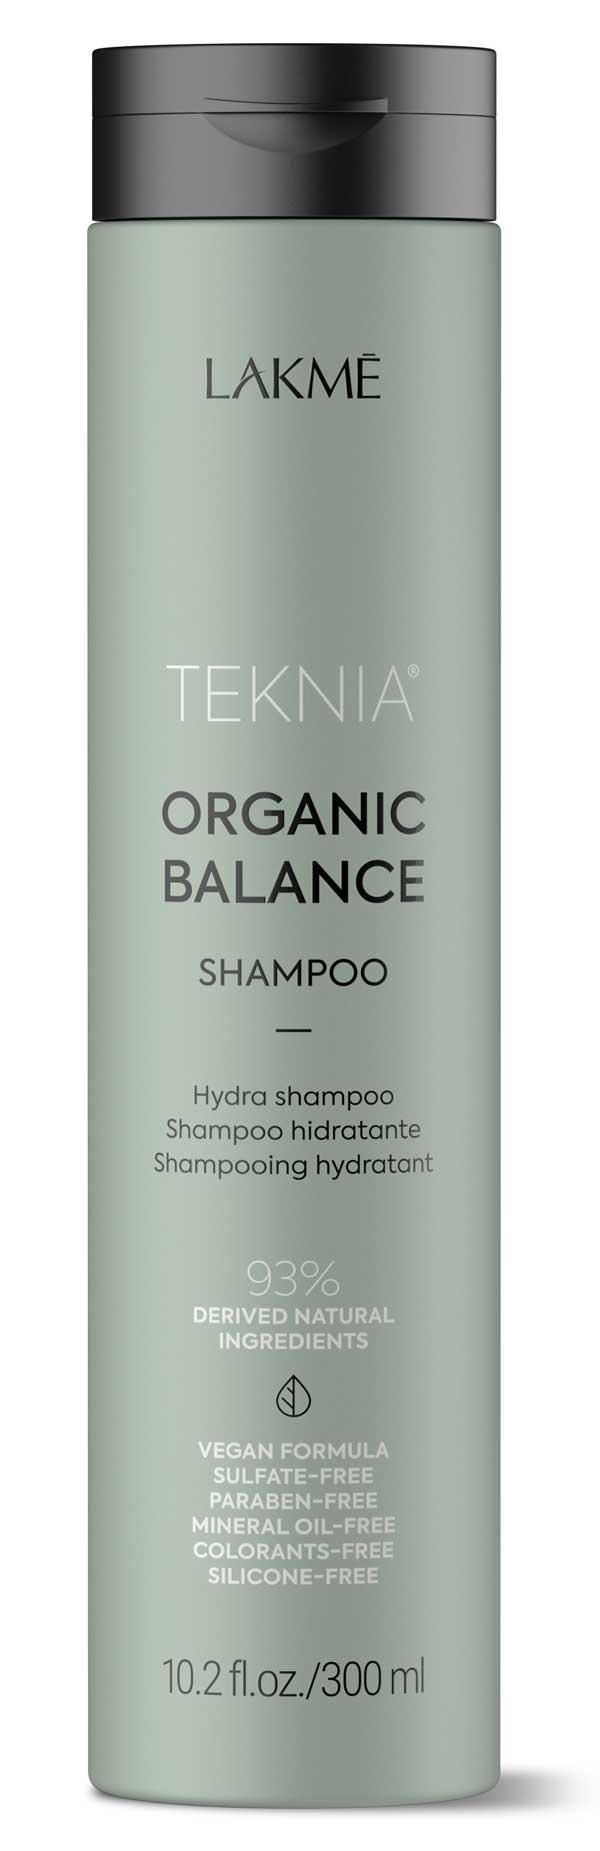 Organic Balance Shampoo